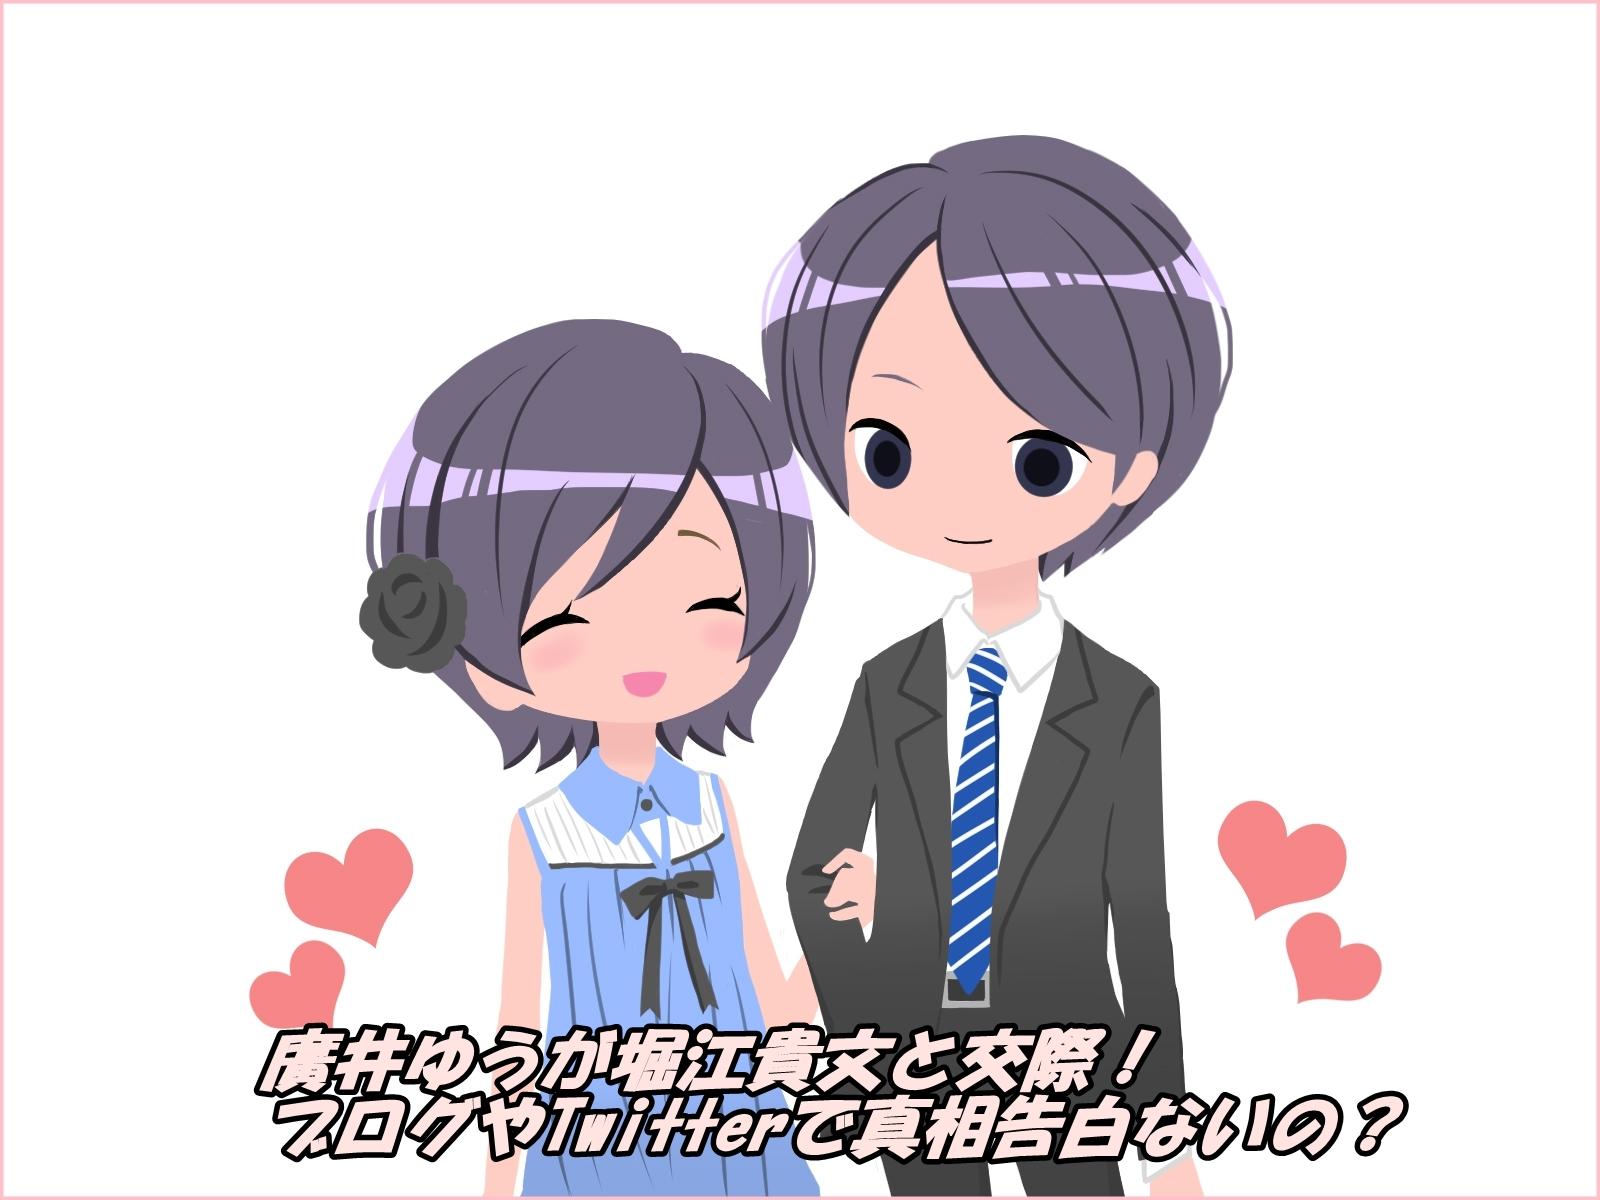 廣井ゆうが堀江貴文と交際!ブログやTwitterで真相告白ないの?